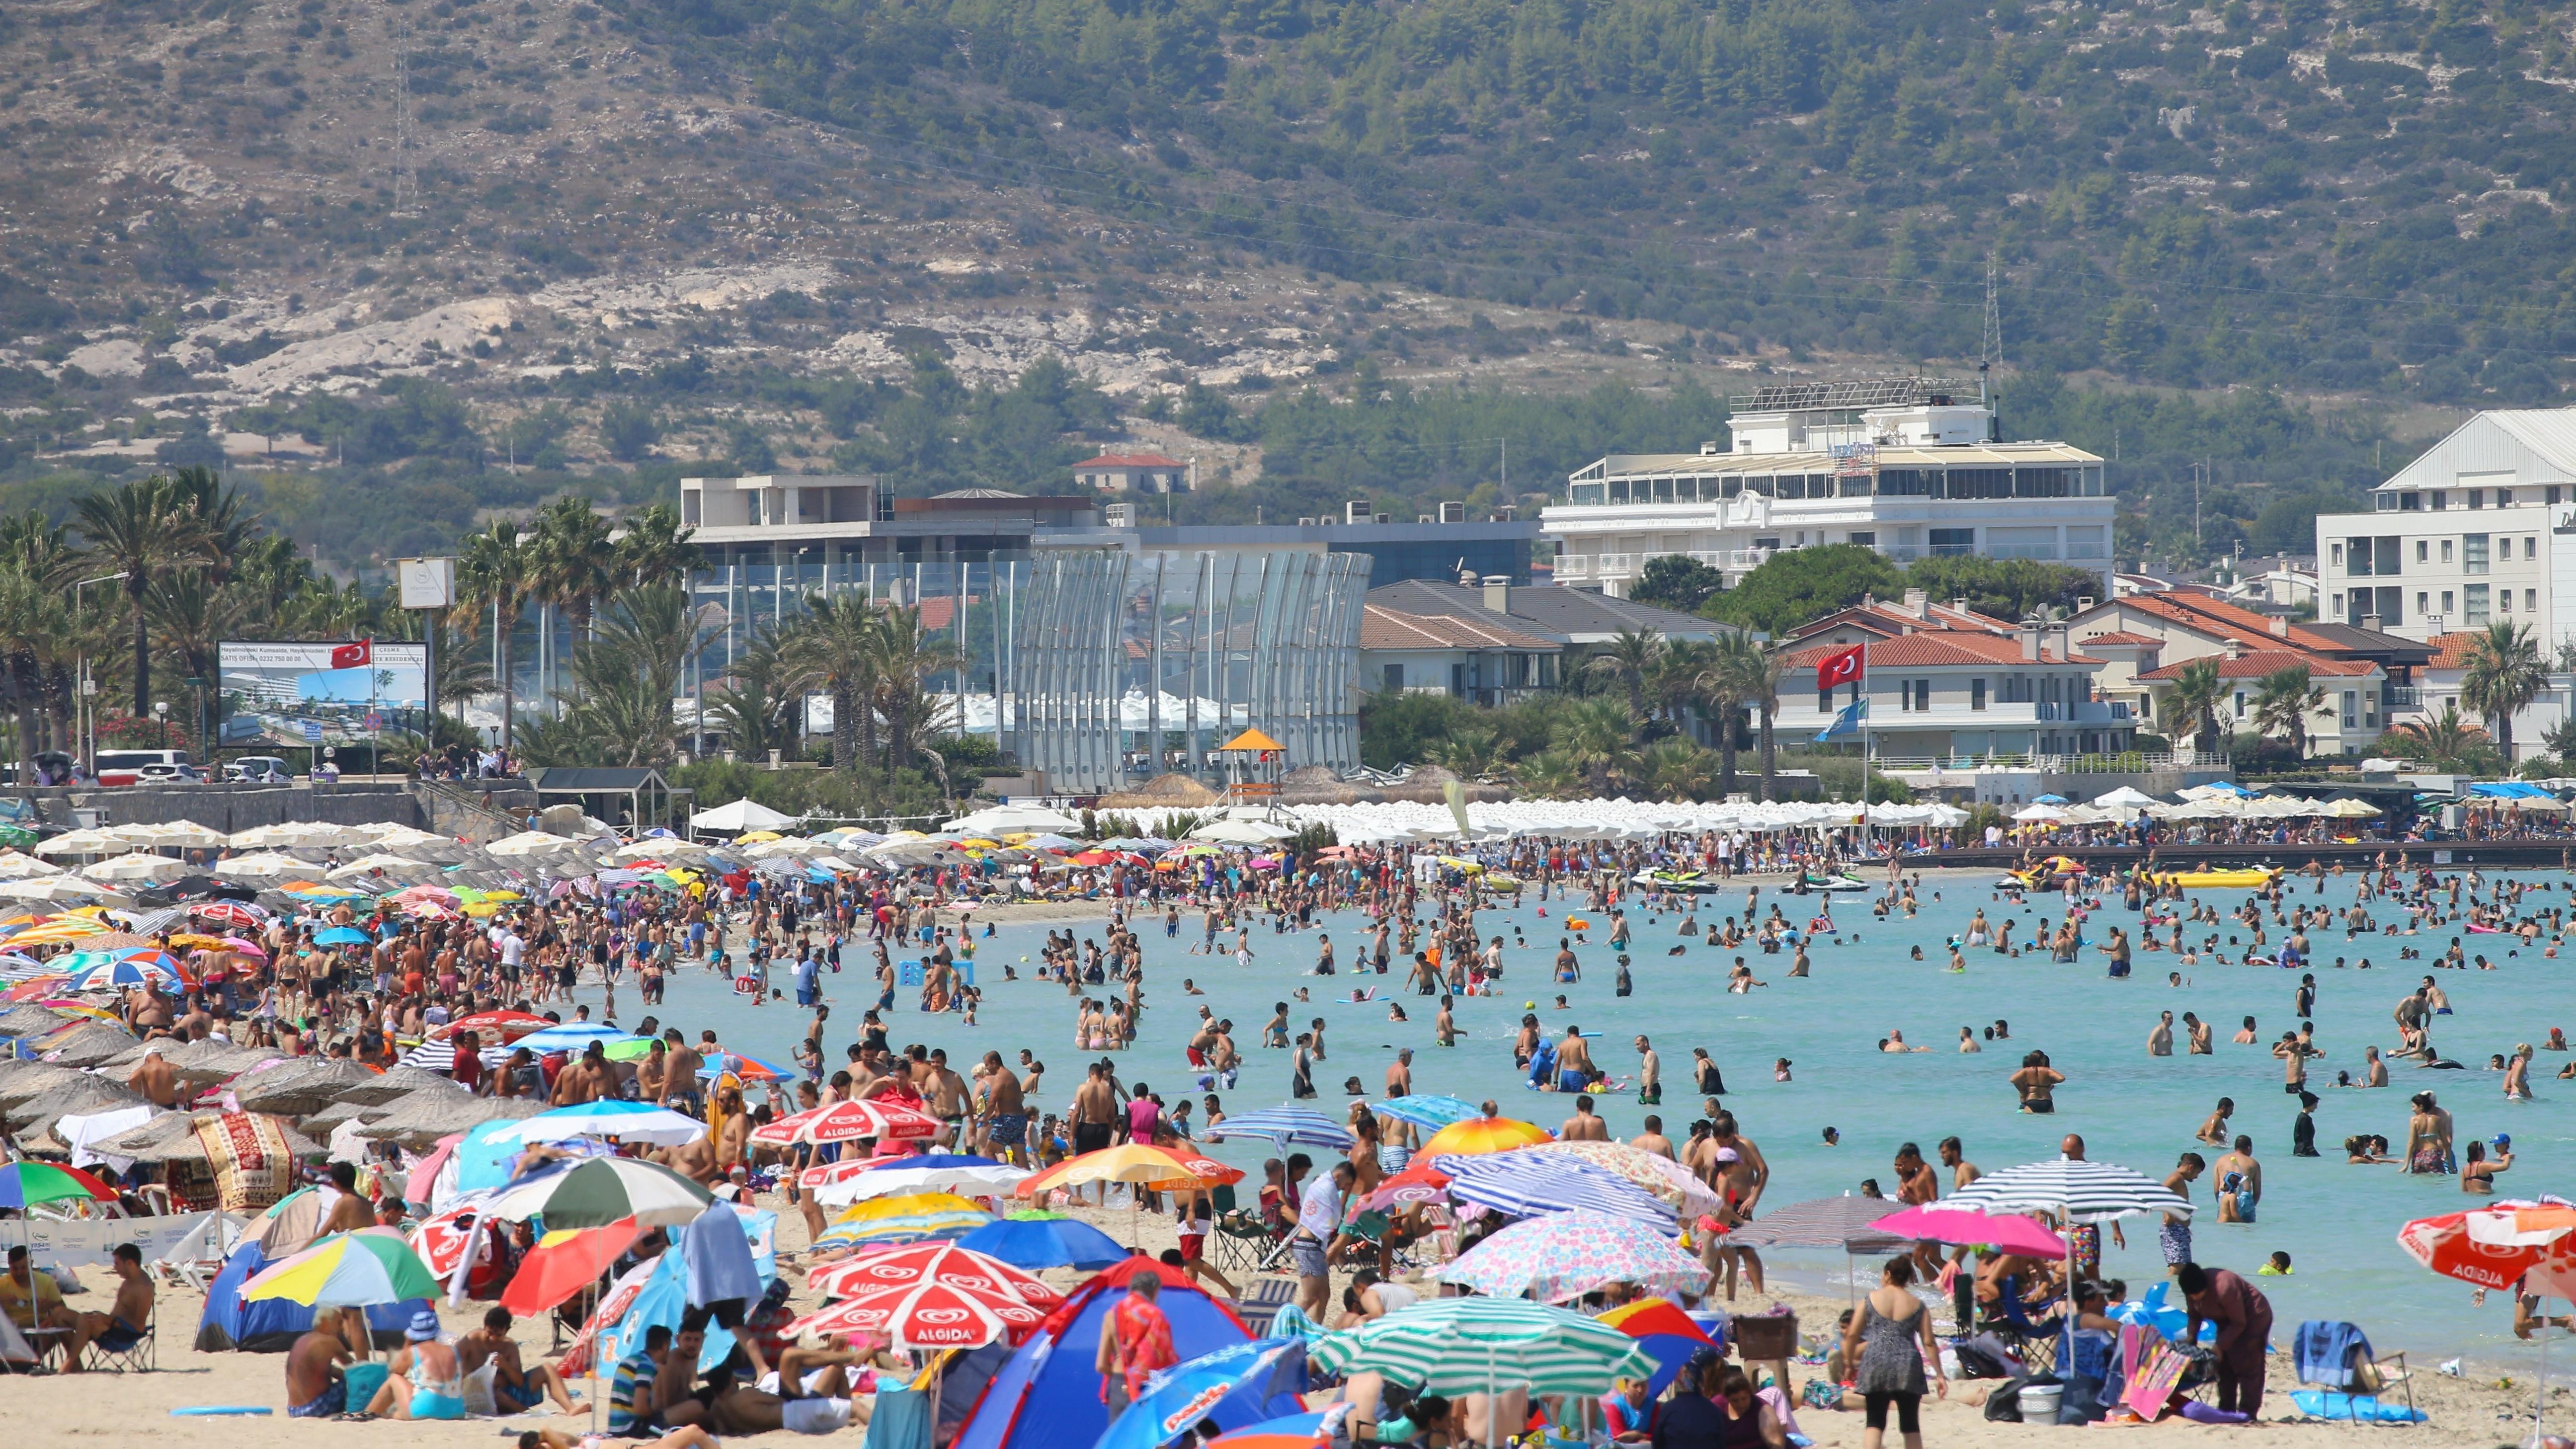 Der Strand von Izmir in der Türkei.